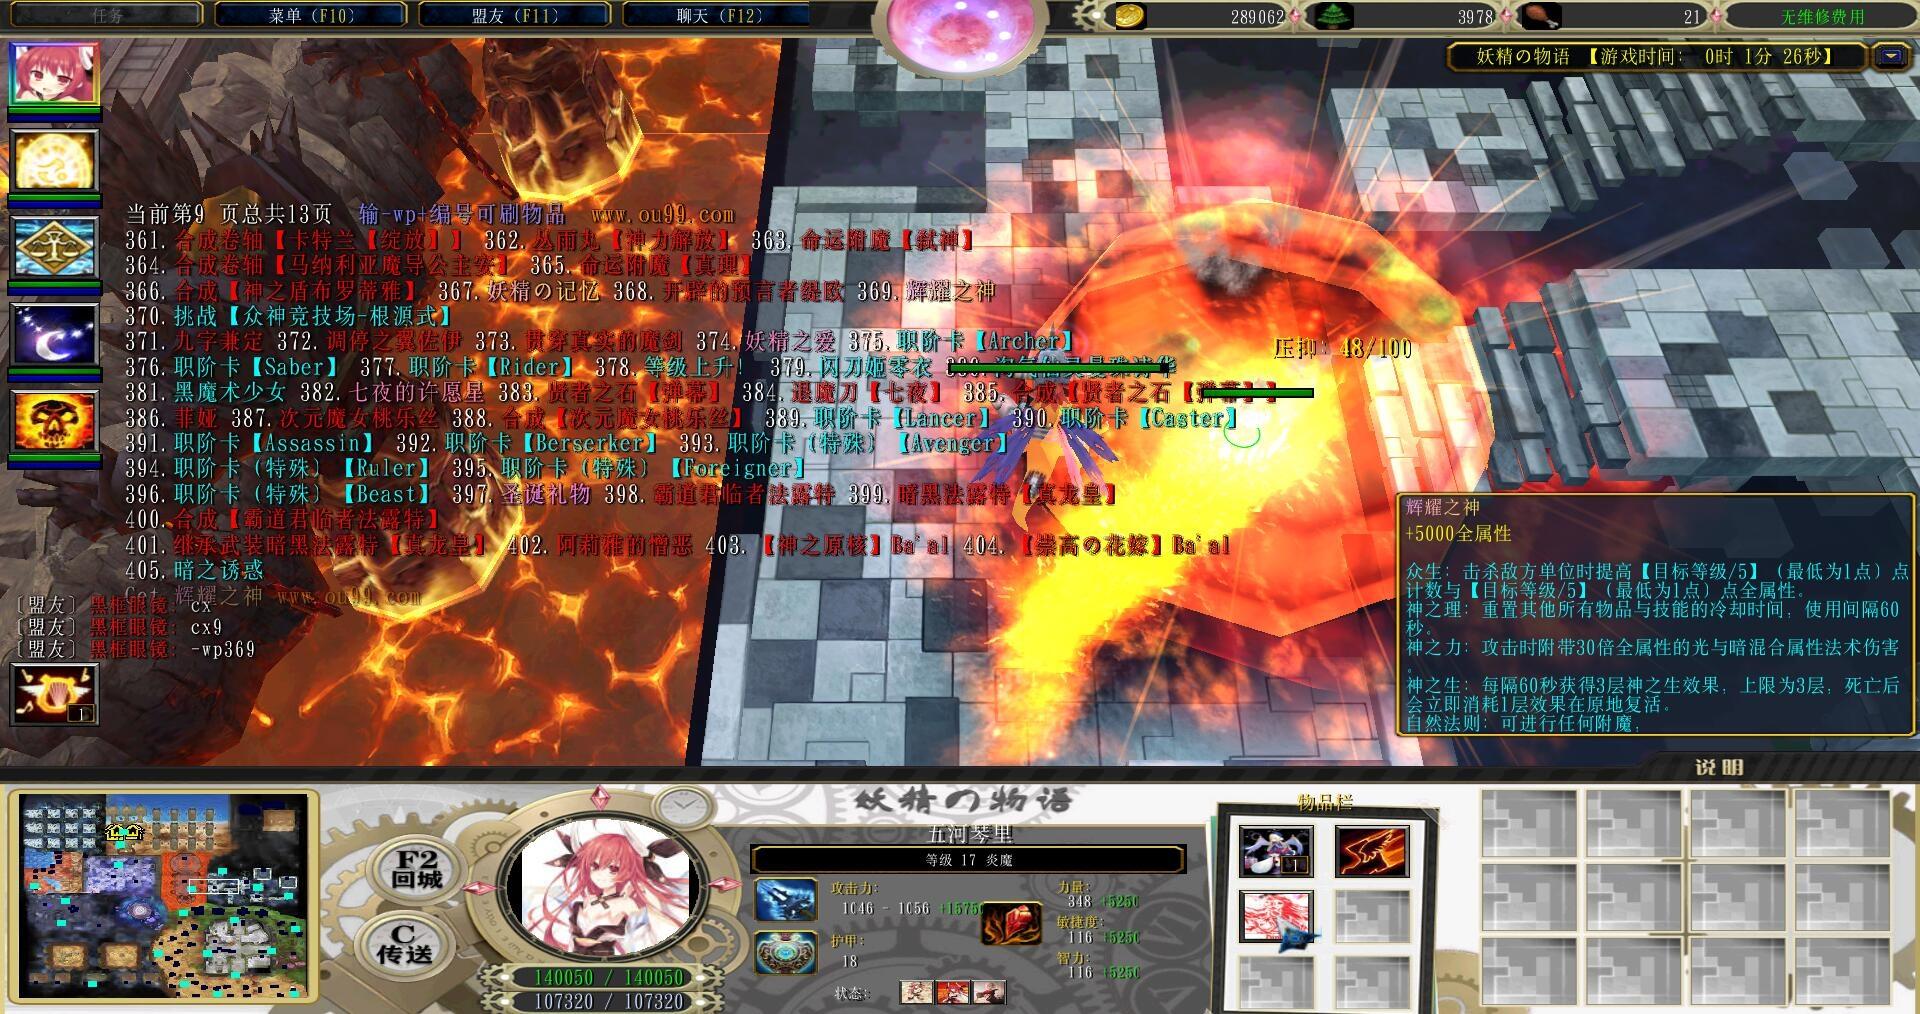 妖精の物语3.10test3黑式破解